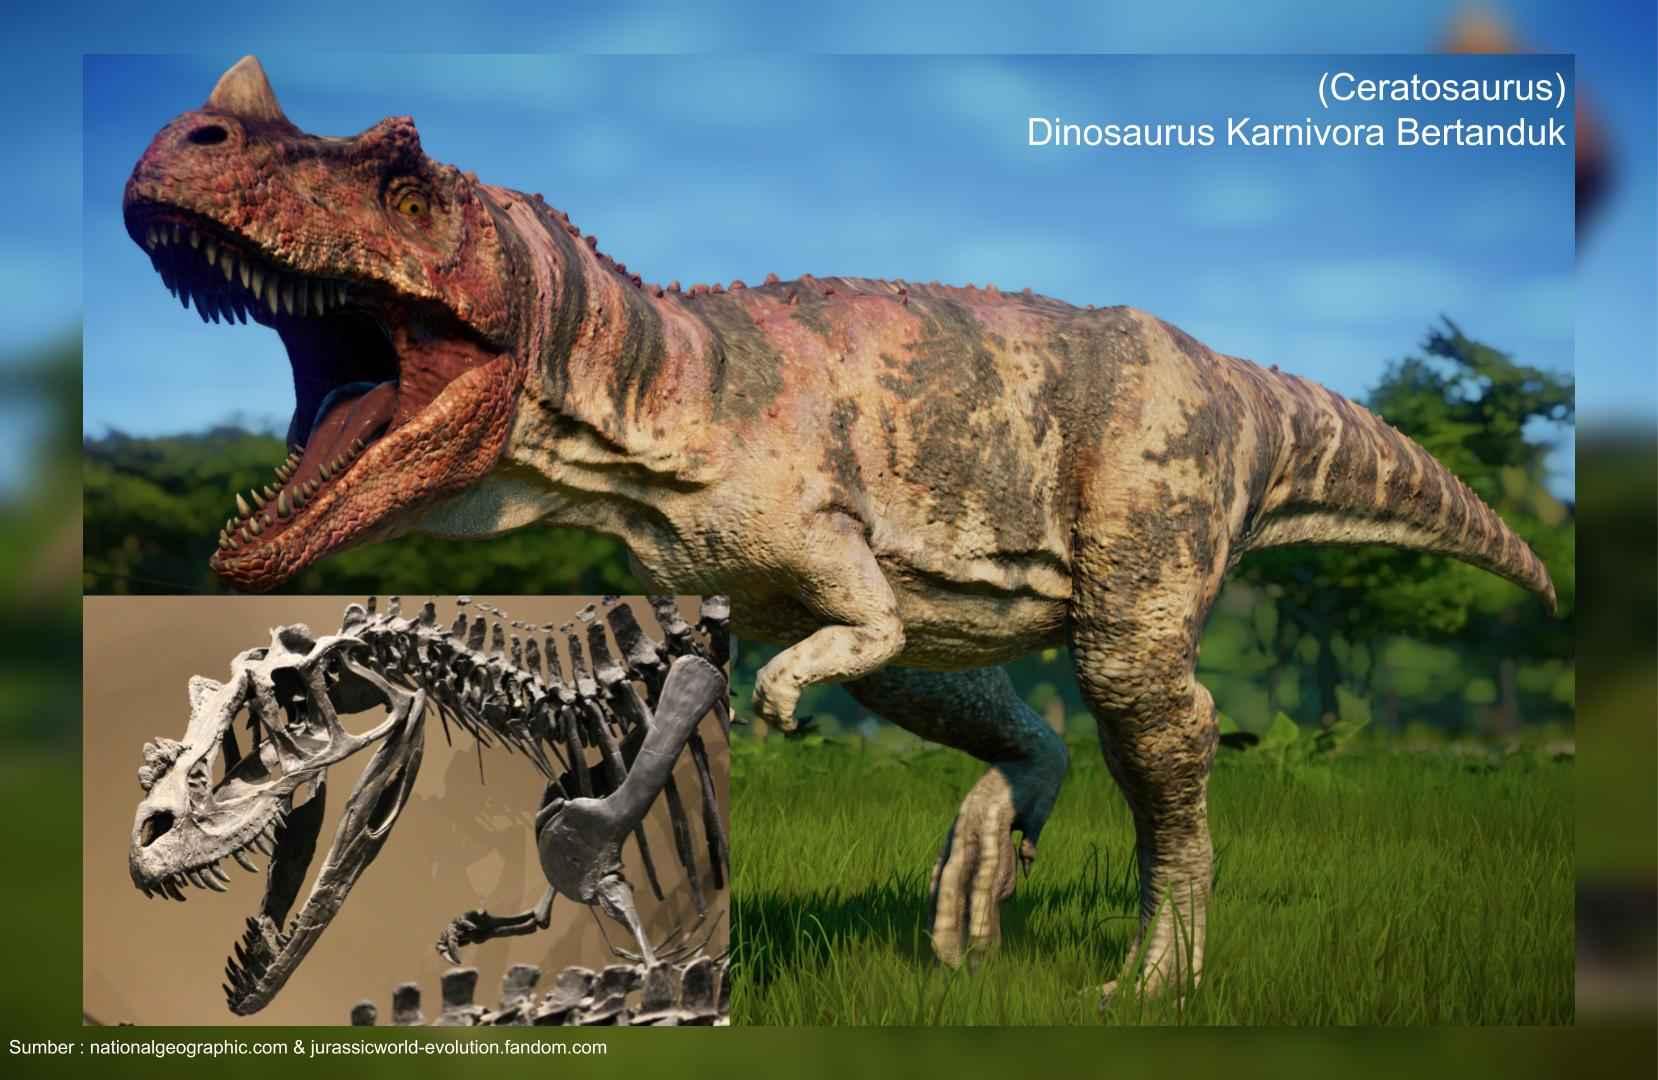 ceratosaurus, kadal bertanduk